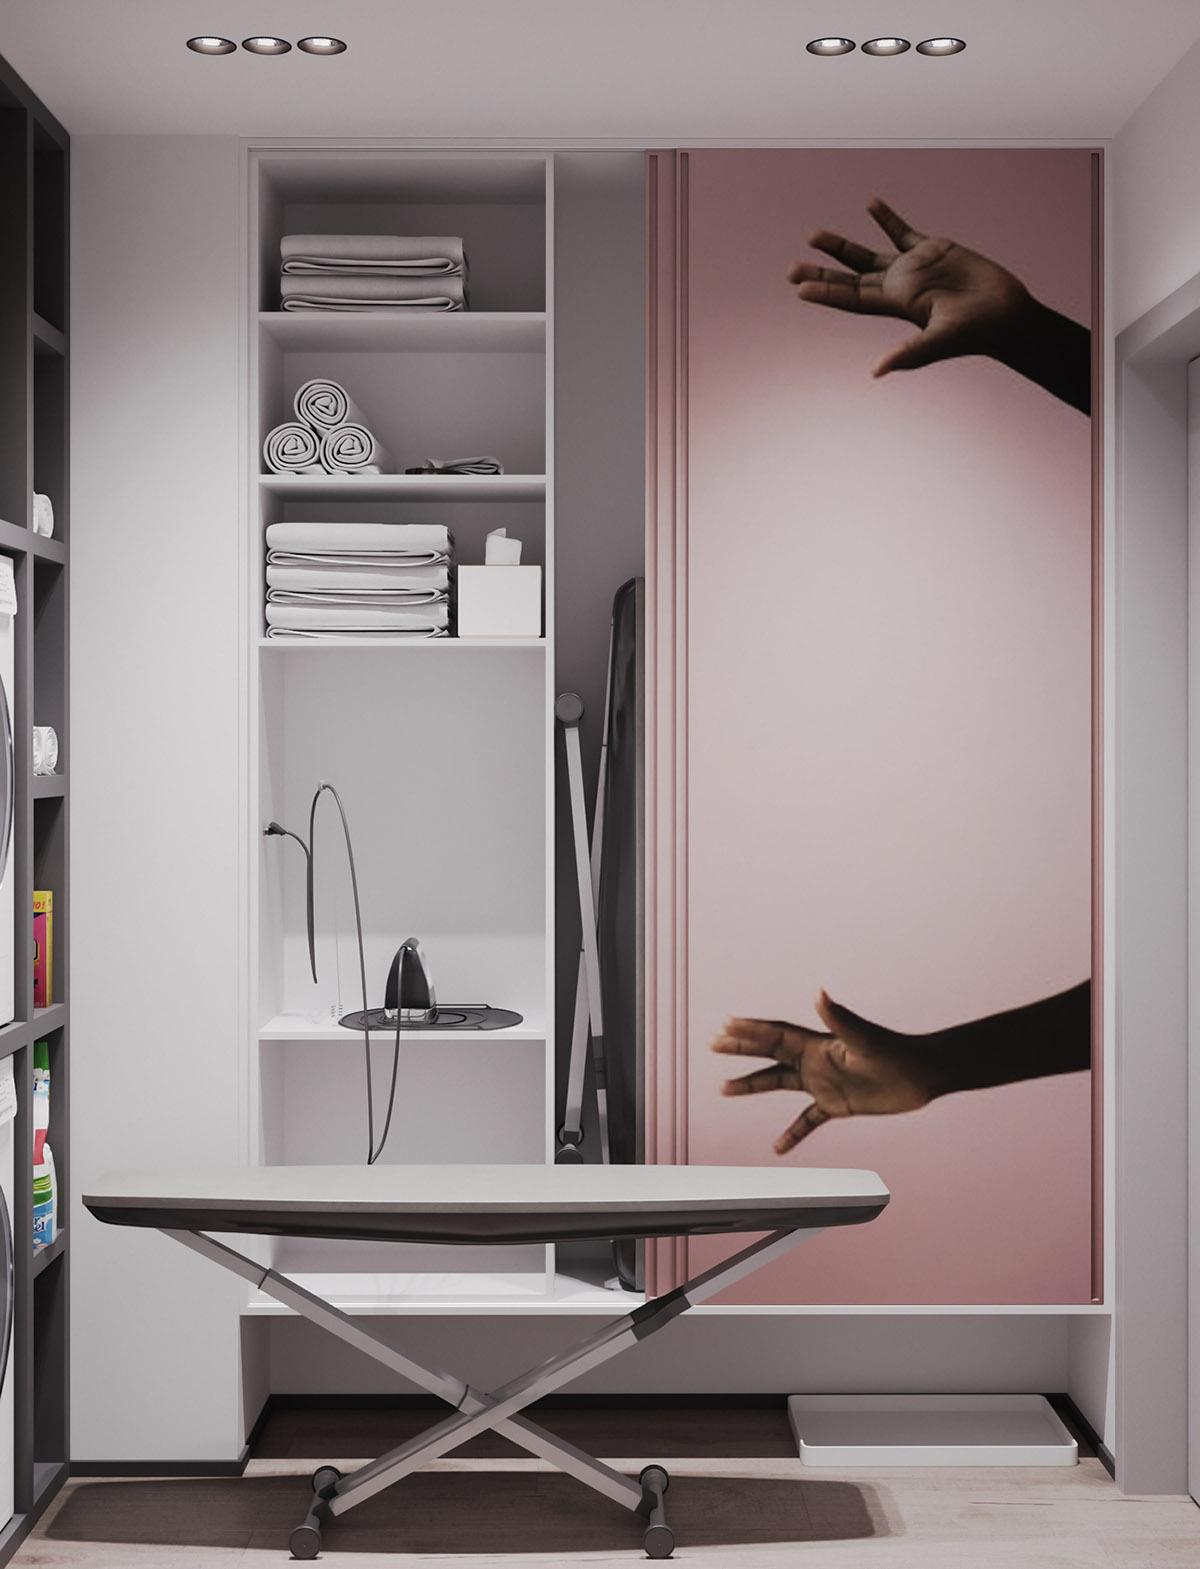 Một số thiết kế nội thất sử dụng màu hồng và xám - Pink utility room